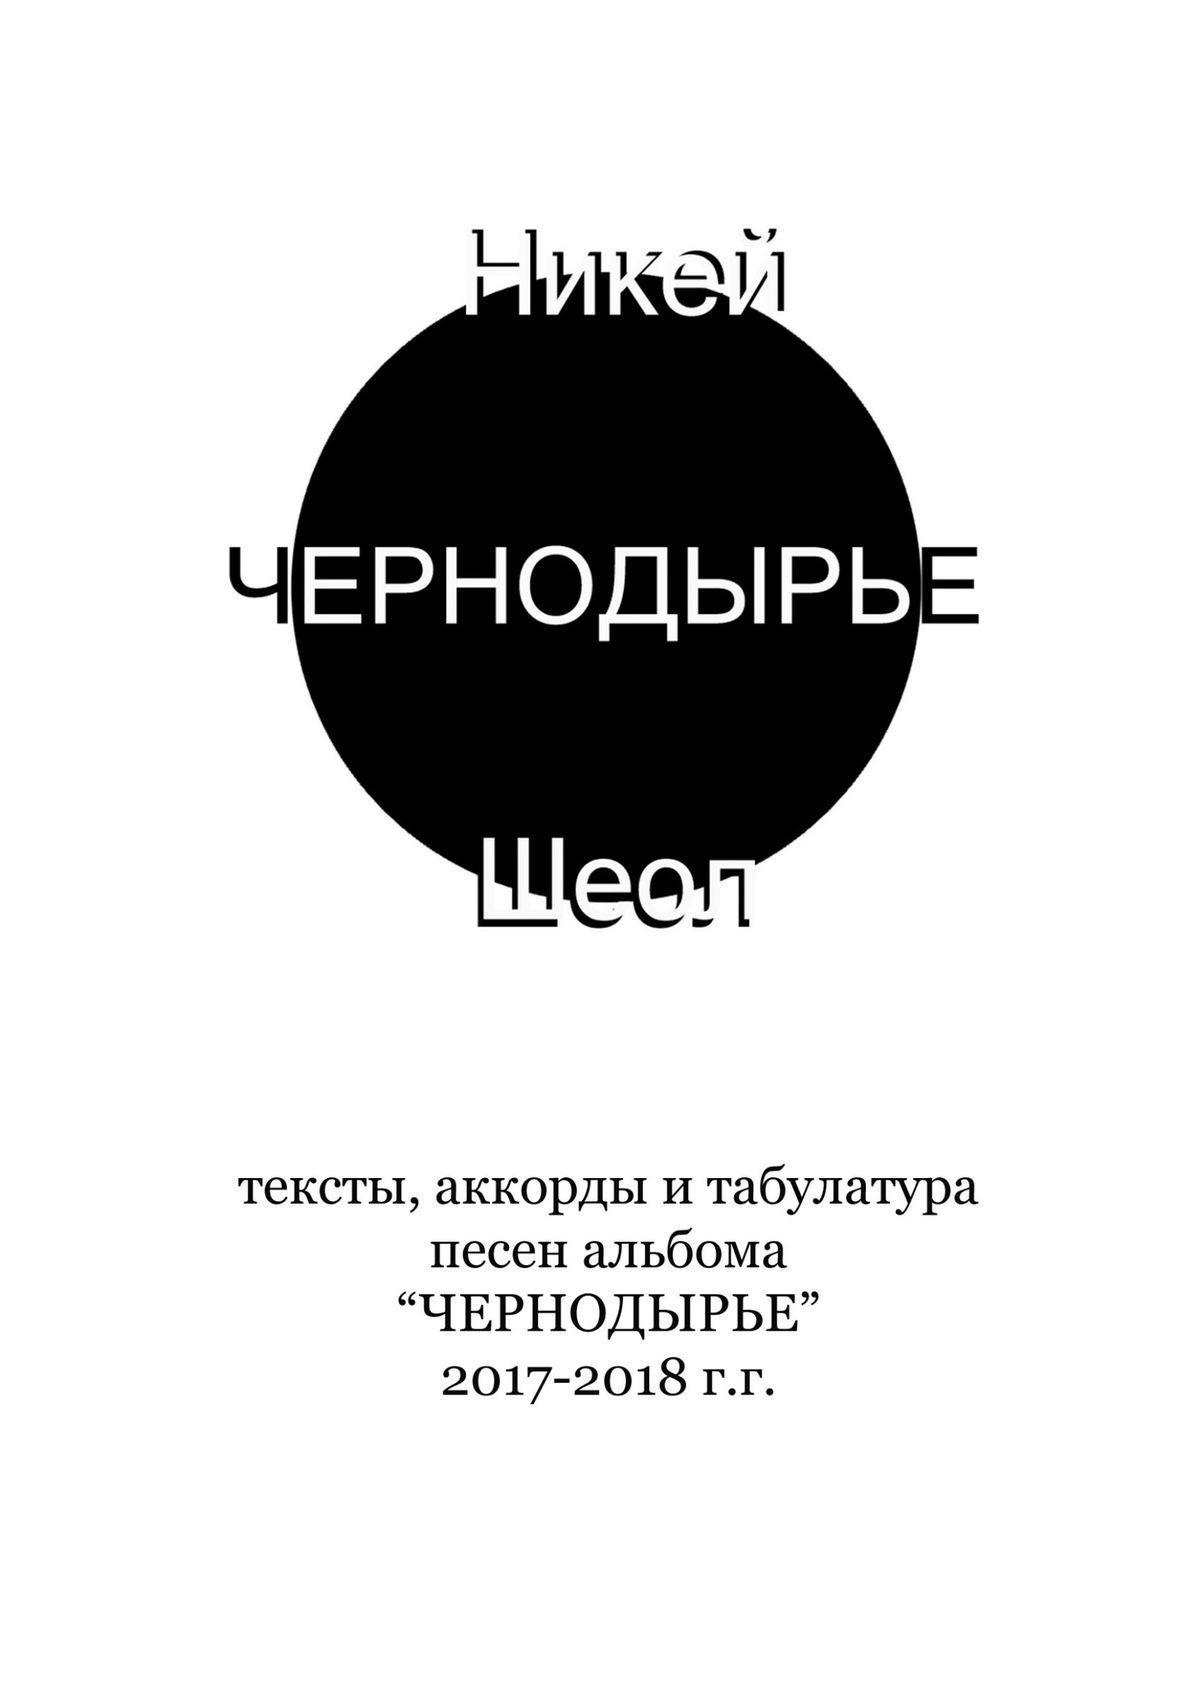 ЧЕРНОДЫРЬЕ. Тексты, аккорды и табулатура песен альбома «ЧЕРНОДЫРЬЕ» 2017-2018 гг.